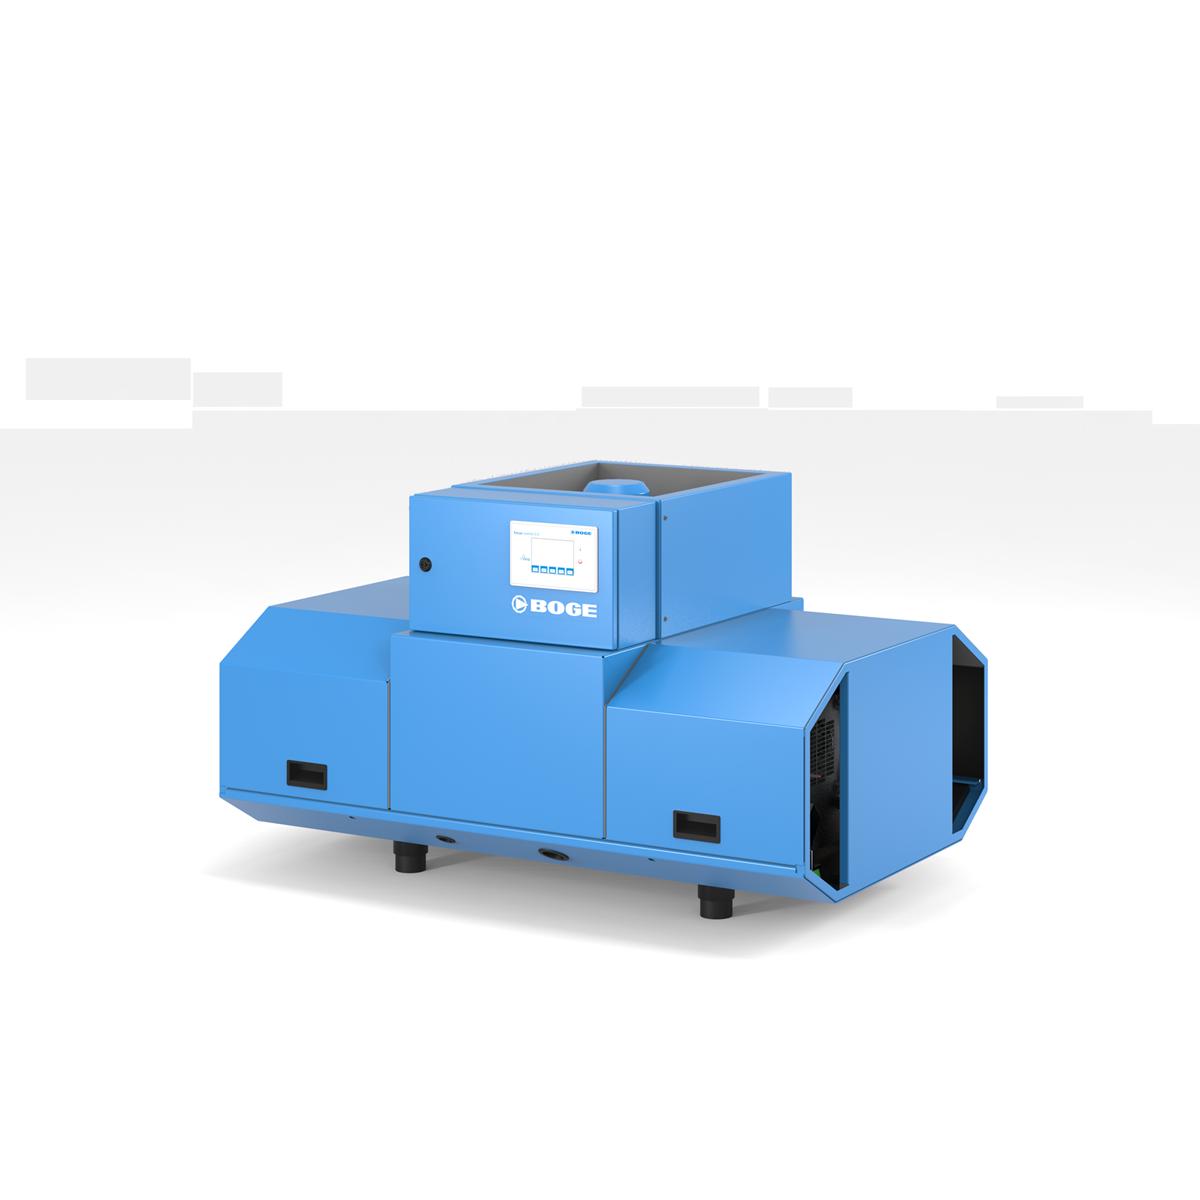 Image Of BOGE Compressors K15 Product